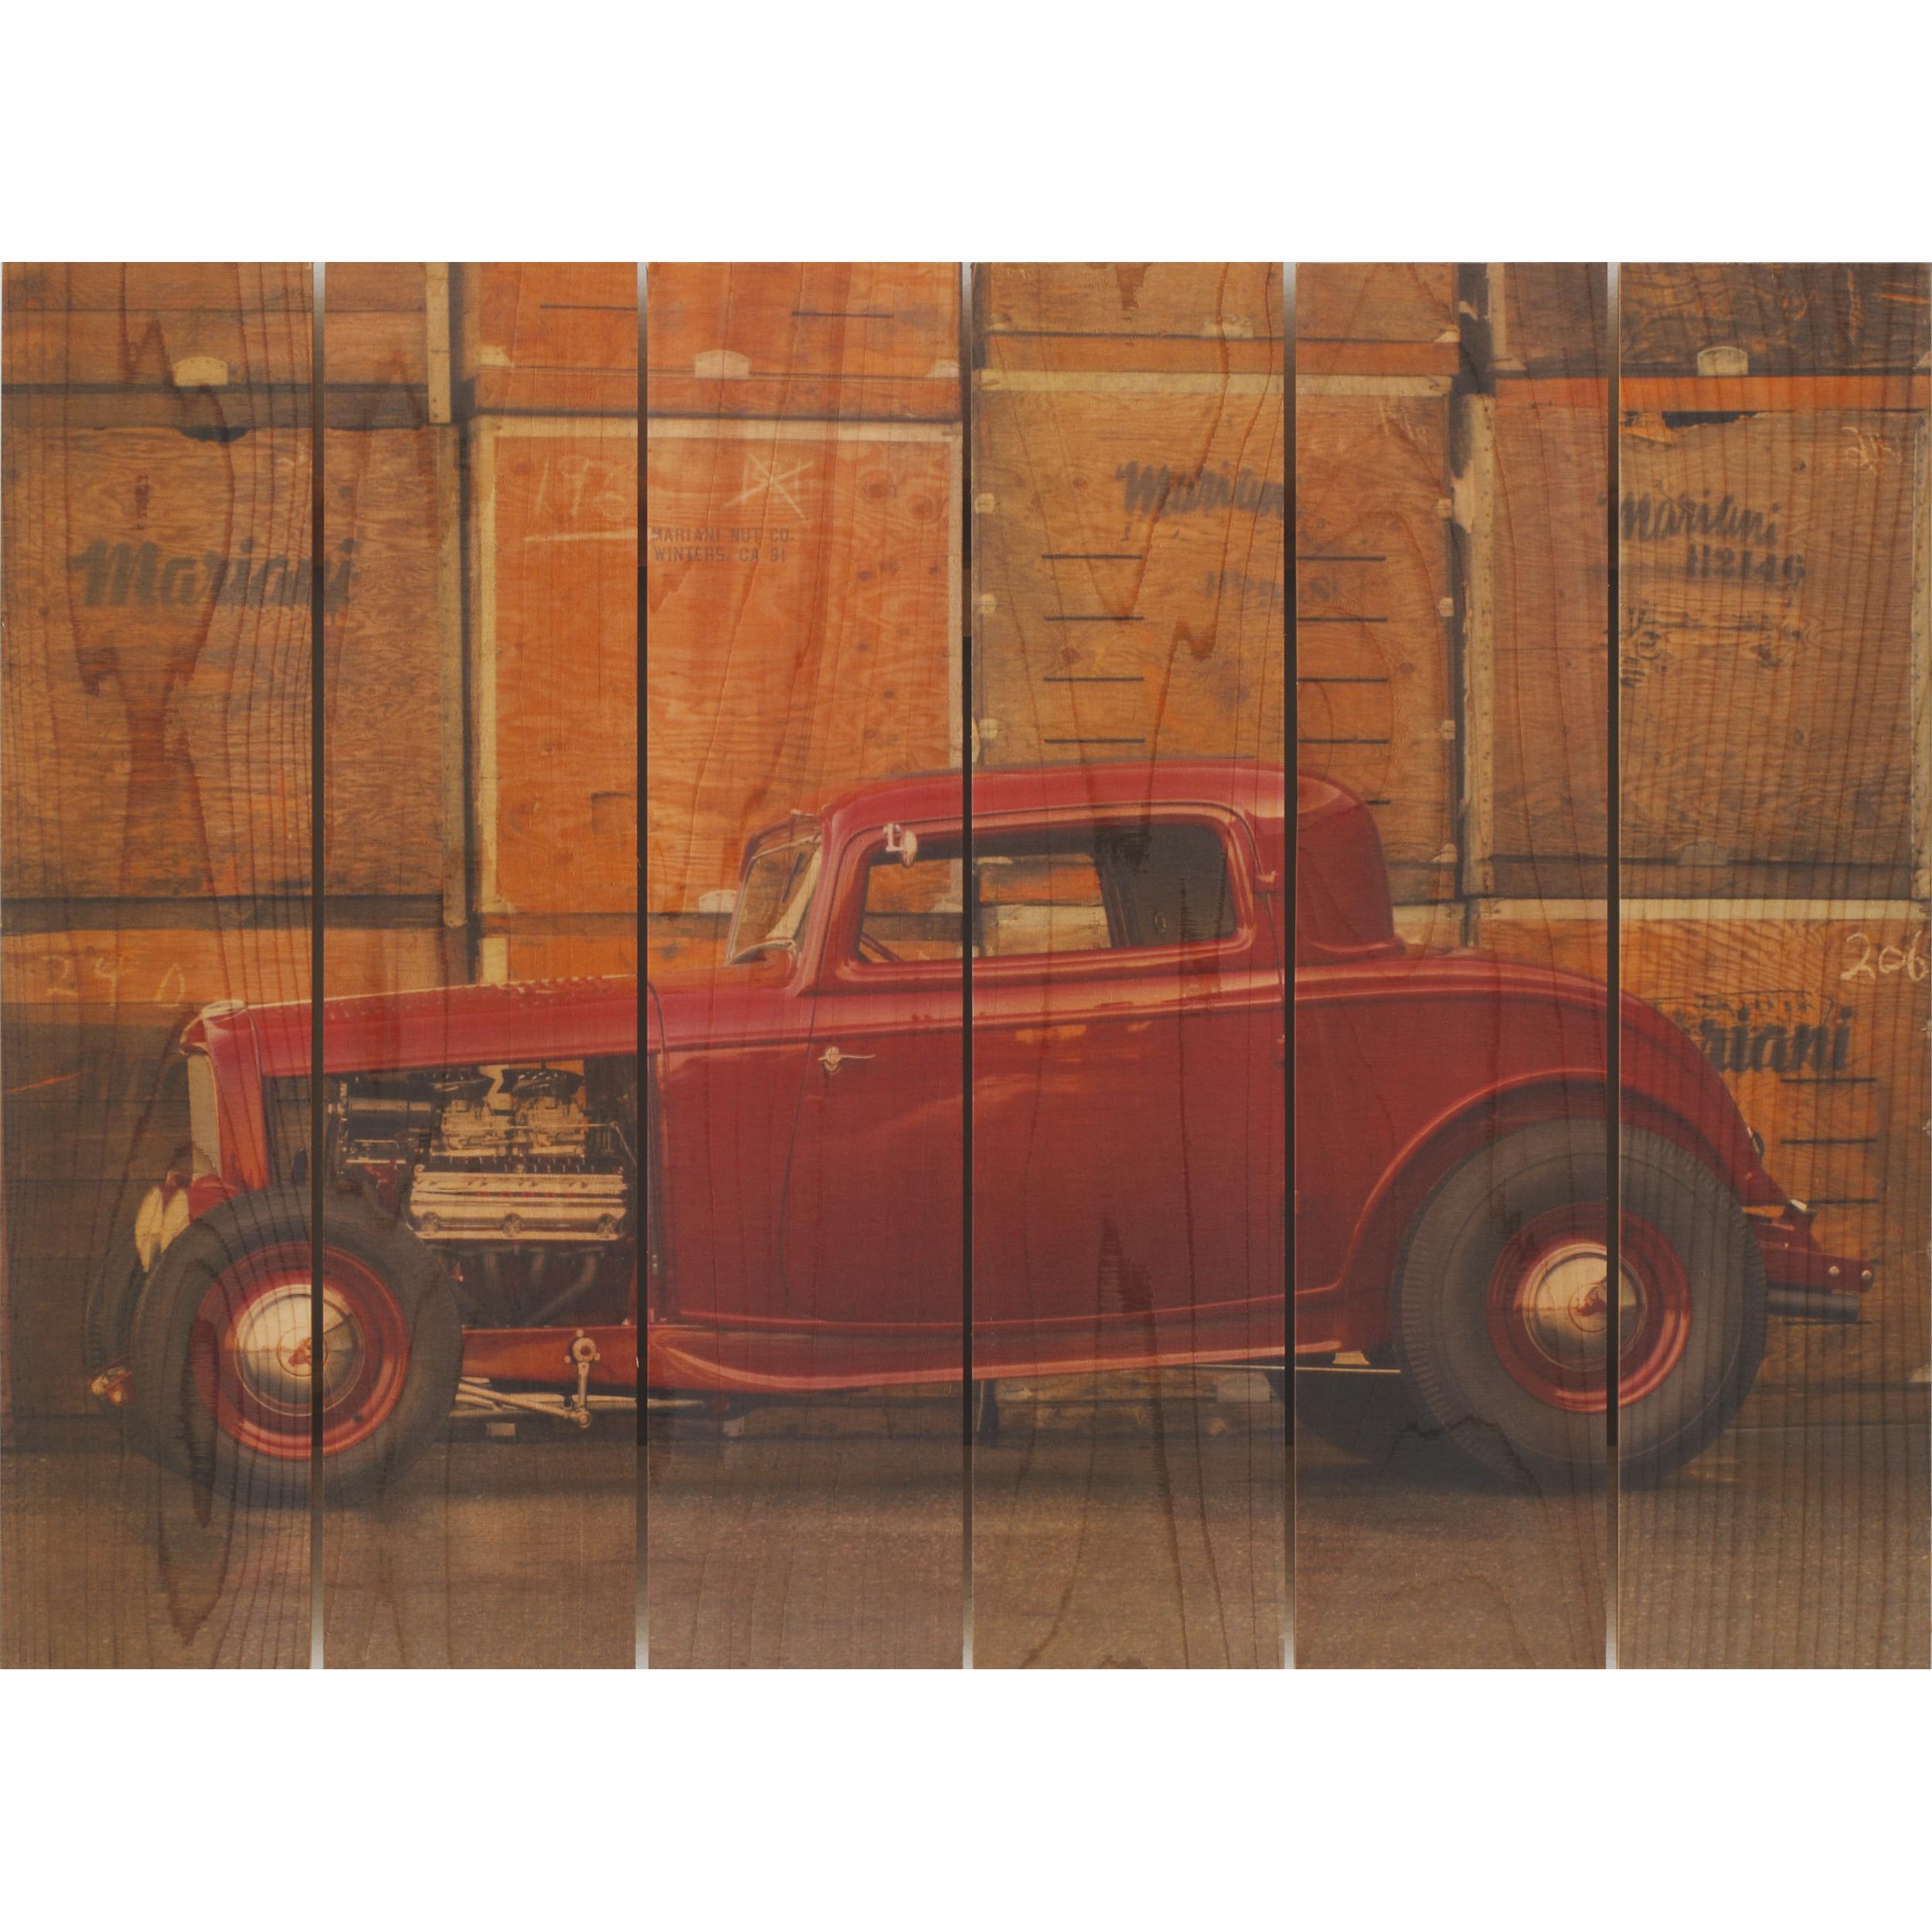 Daydream Gizaun Cedar Wall Art, Deuce Coupe, 33